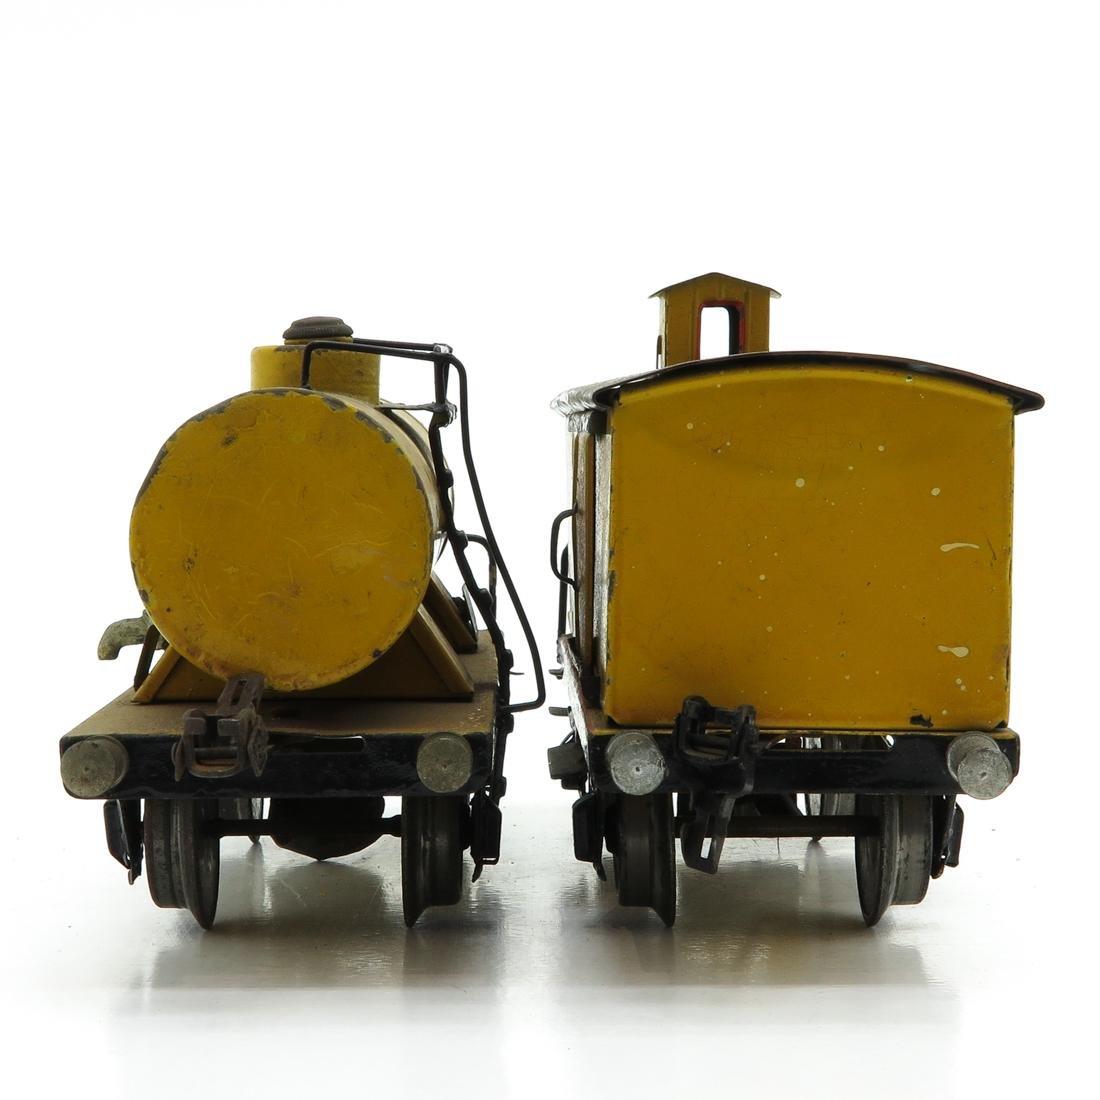 Lot of 2 Marklin Cars Including Shell Tank Wagon - 4